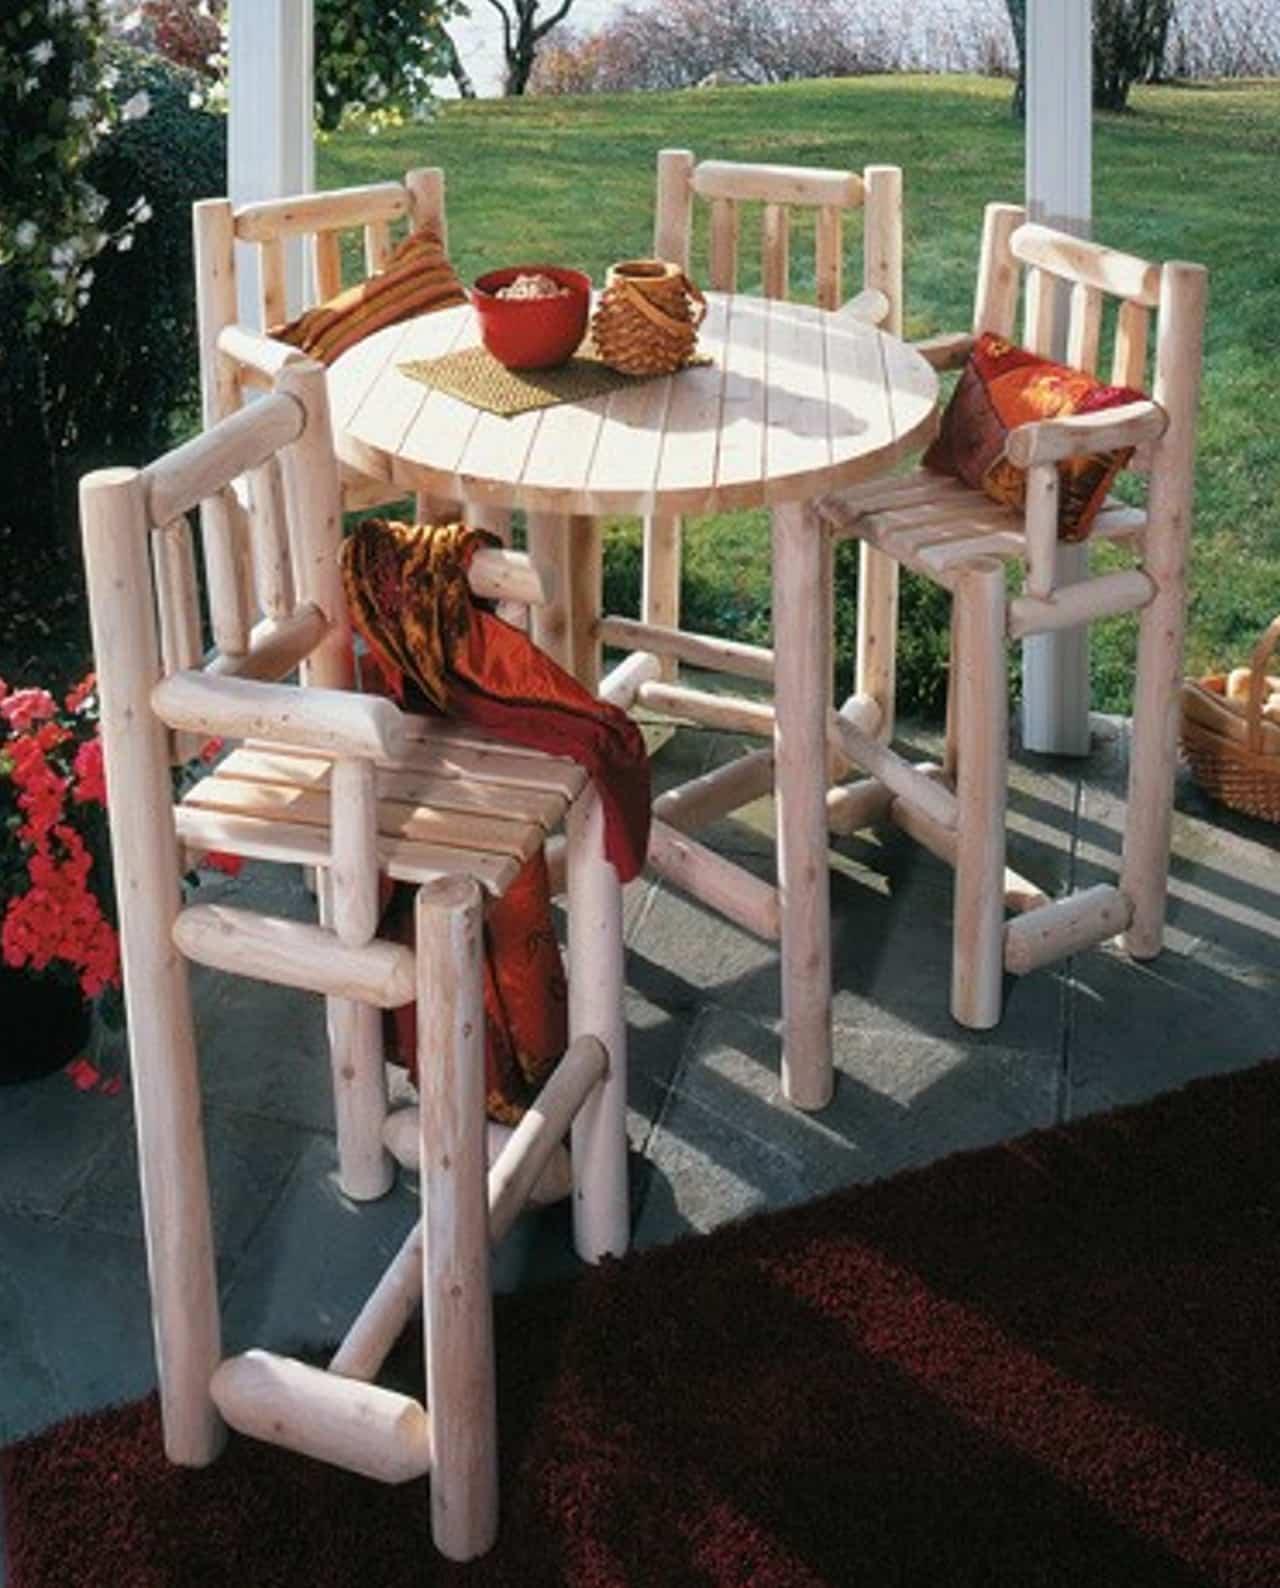 chaise pour mange debout cool chaise pour mange debout chaise pour table a manger daclicieux. Black Bedroom Furniture Sets. Home Design Ideas